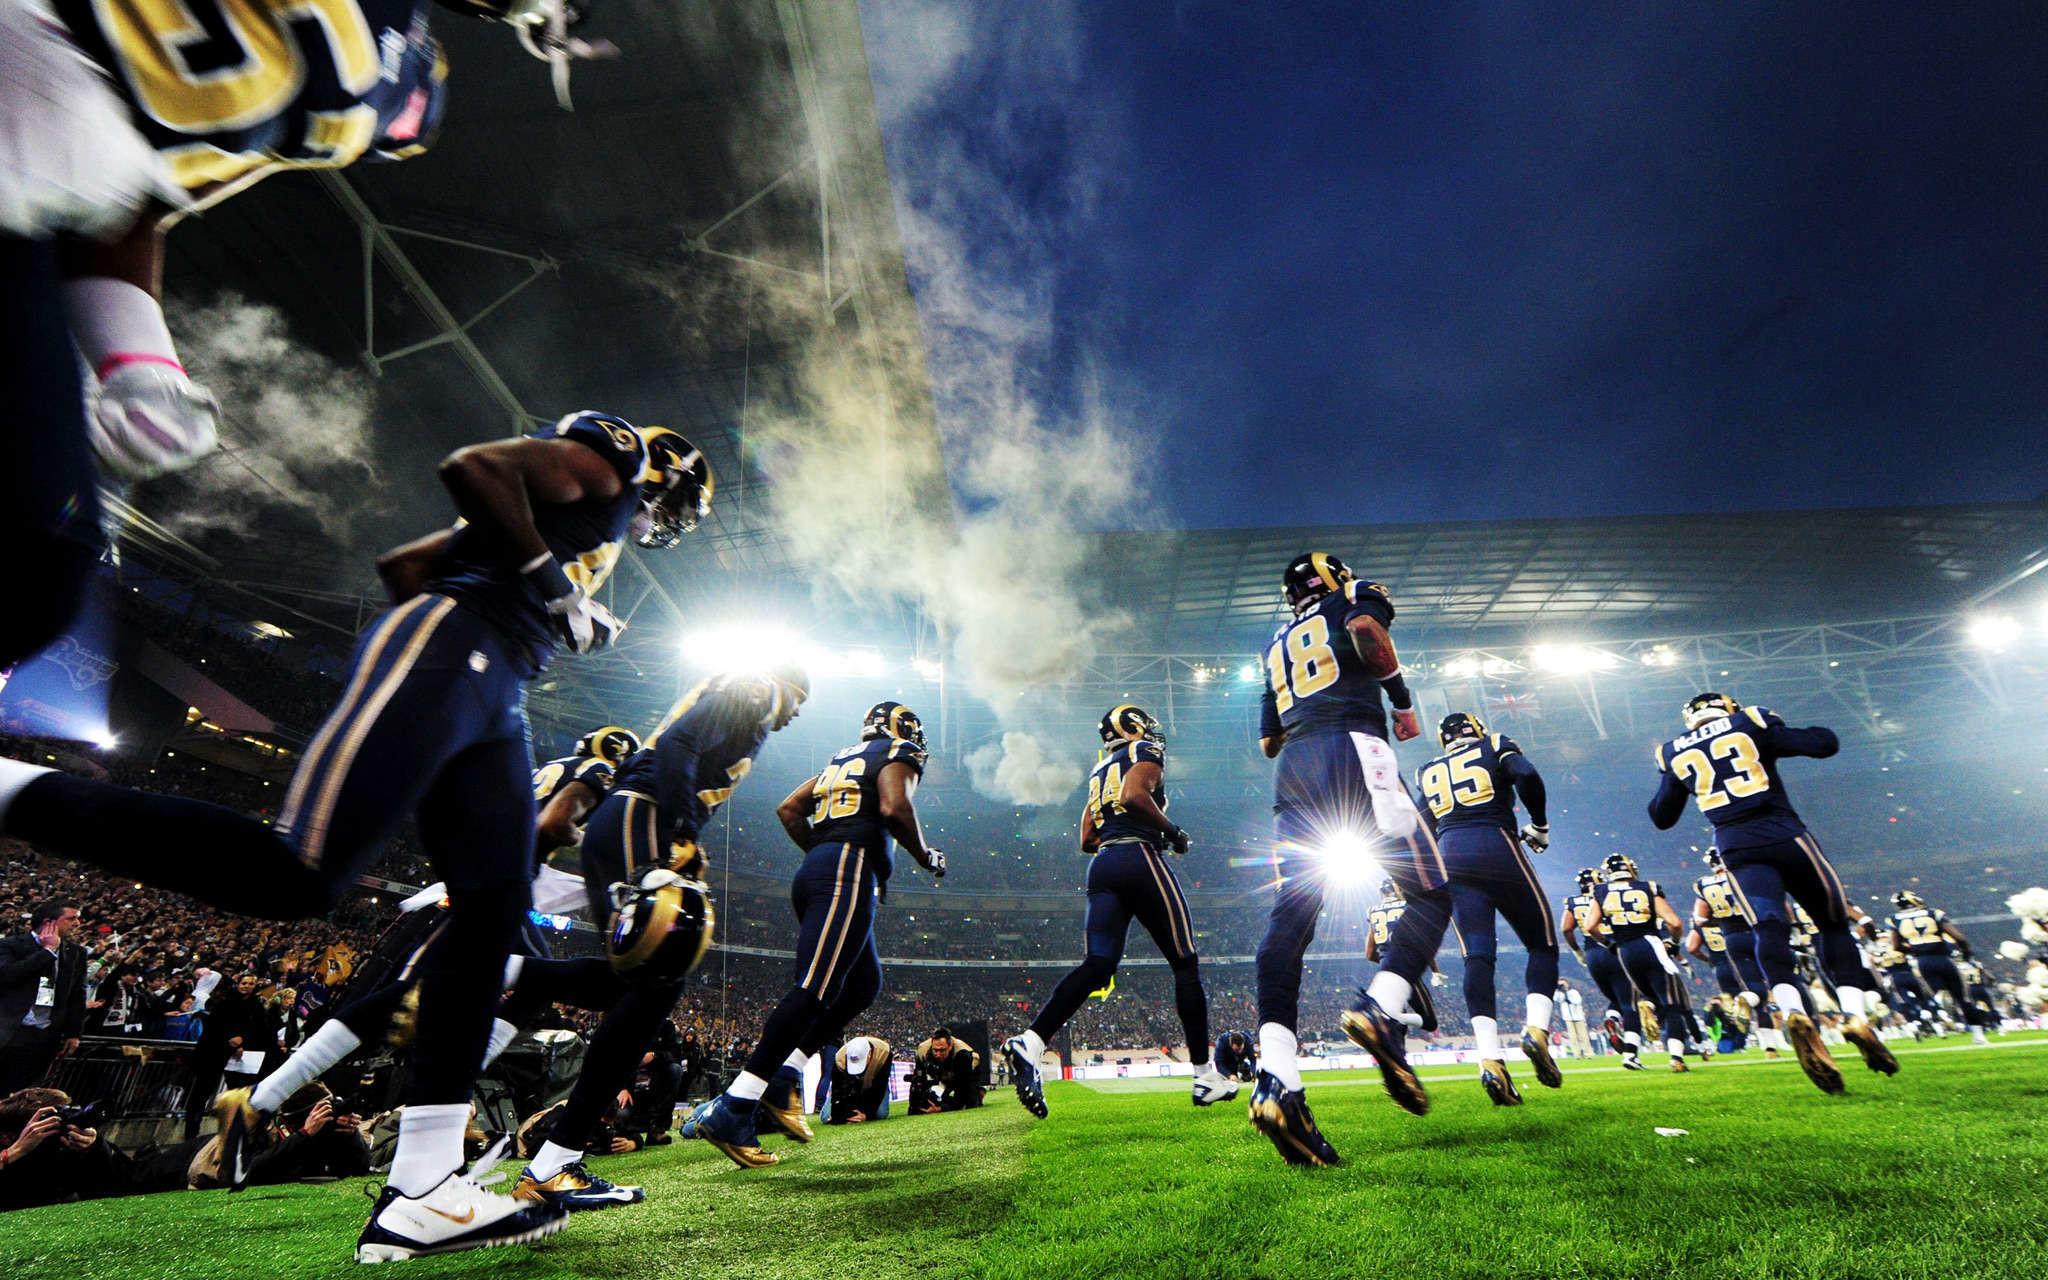 NFL Wallpapers For Desktop HD Images NFL Collection Wallpapers   HD  Wallpapers   Pinterest   Wallpaper